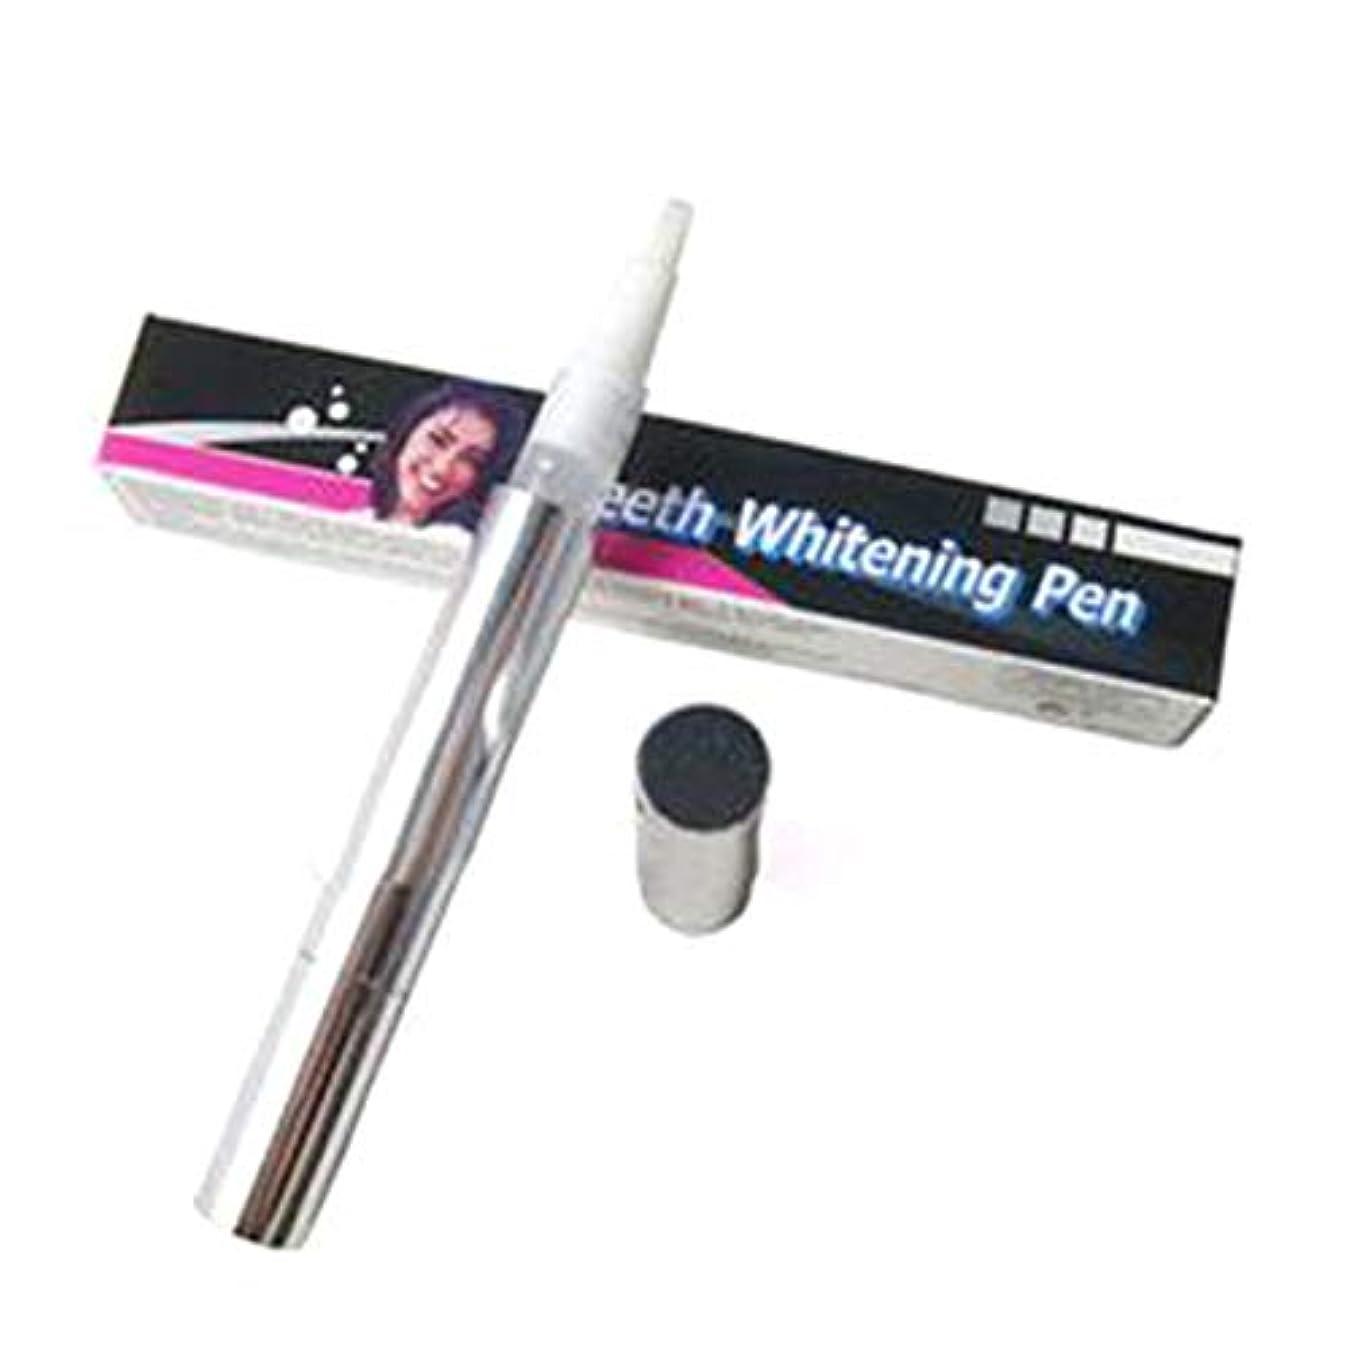 アンソロジーリーチ累積ペンホワイトニングペン強力な汚れ消しゴム除去速い漂白歯ジェルホワイトナー歯科口腔衛生用品 - シルバー